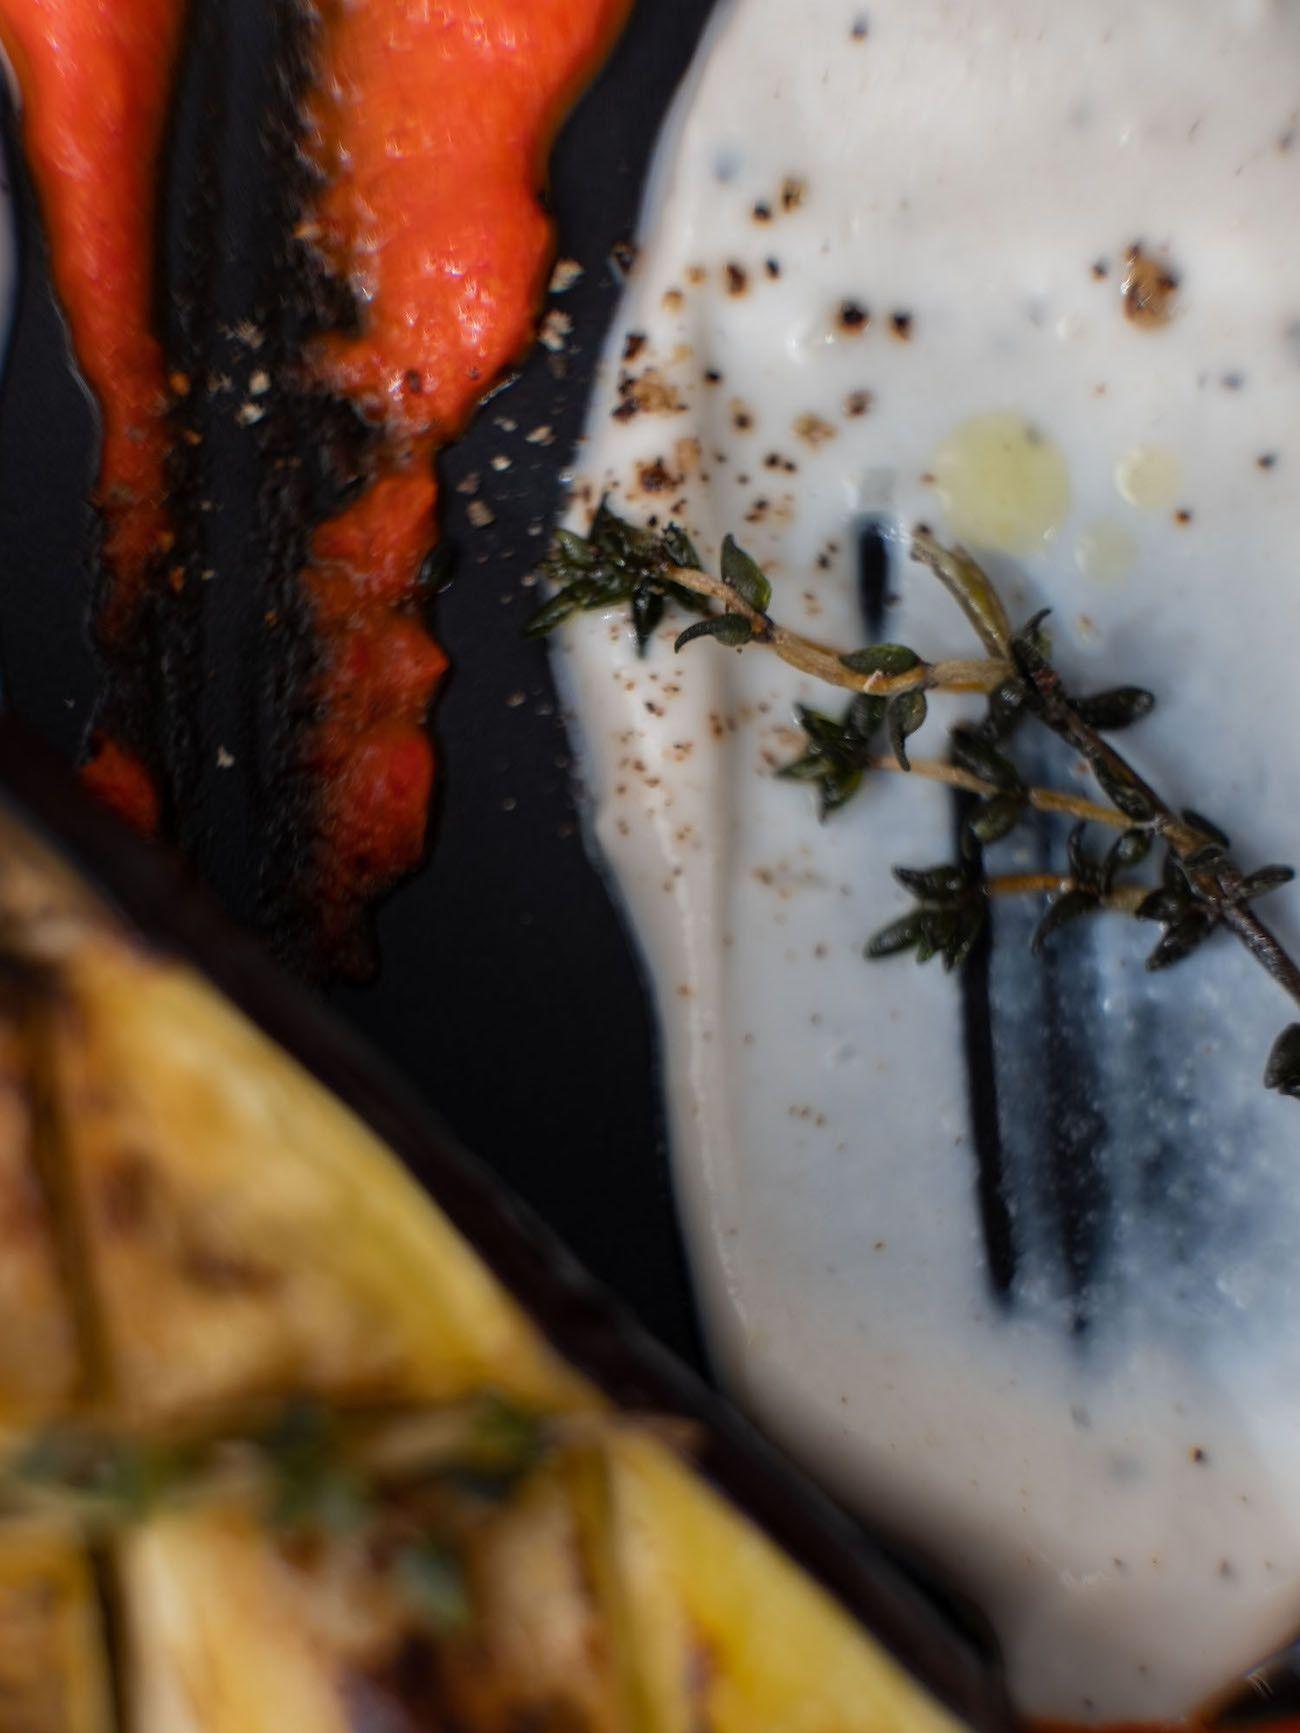 Foodblog About Fuel, Rezept Gegrillte Aubergine mit Joghurt-Tahin Soße und Paprika Dip, Olivenöl, Thymian